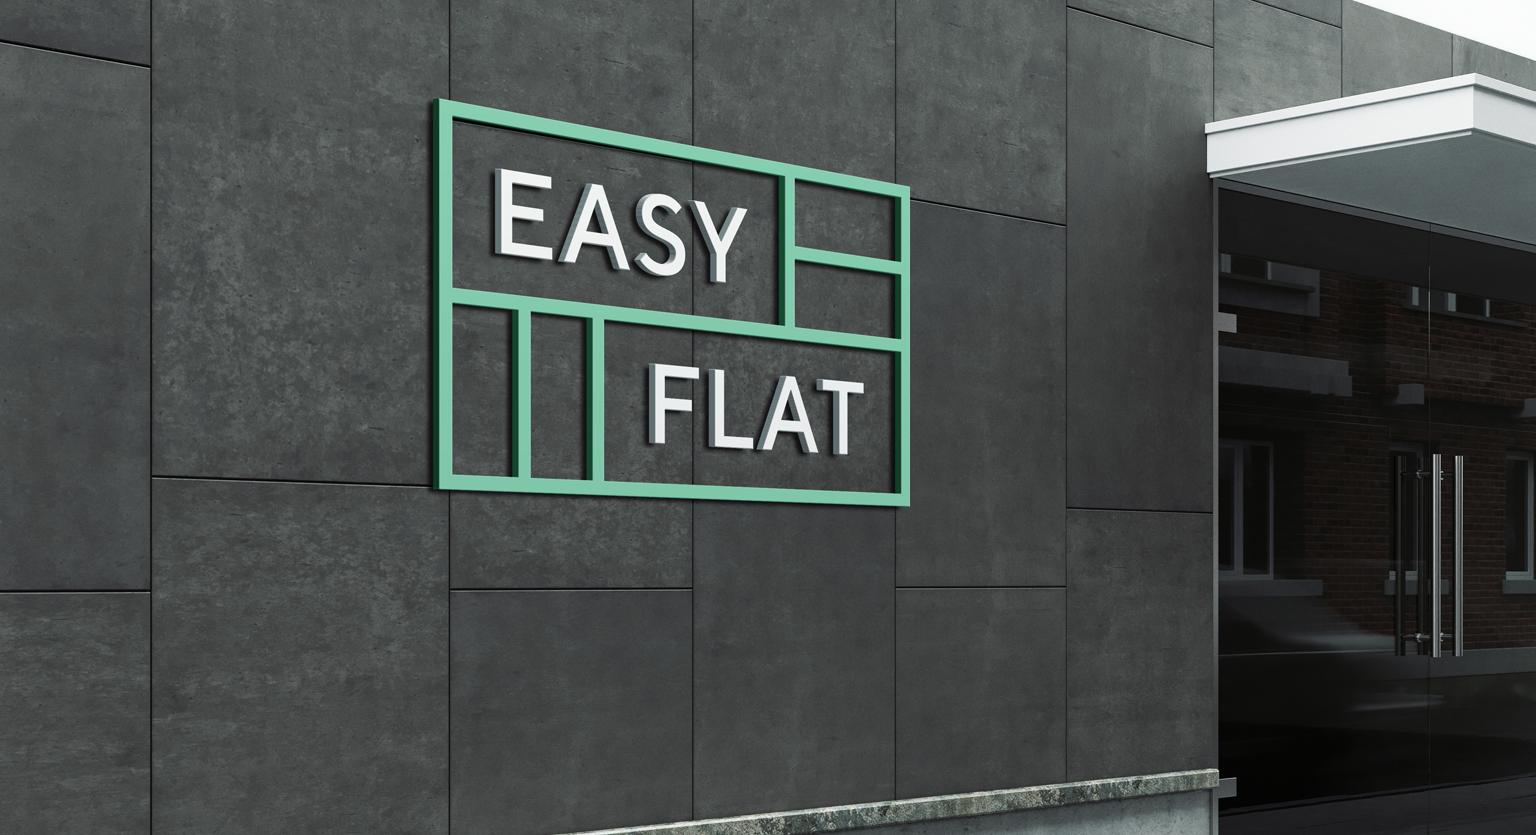 logotyp fasadskylt grafisk identitet profil designbyrå stockholm